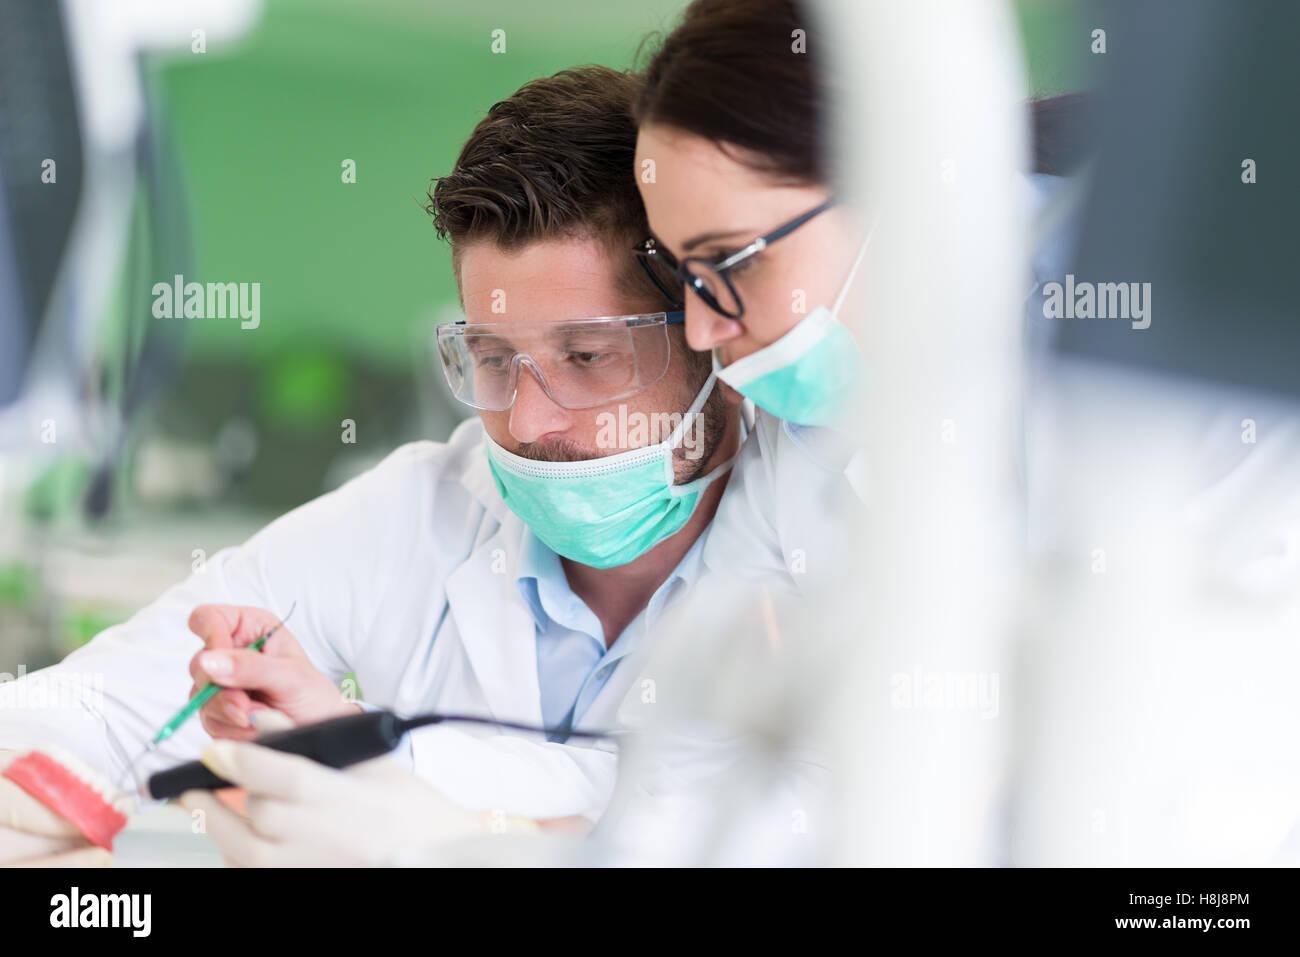 Les jeunes étudiants de la stomatologie occupé avec précaution sur des modèles anatomiques Photo Stock